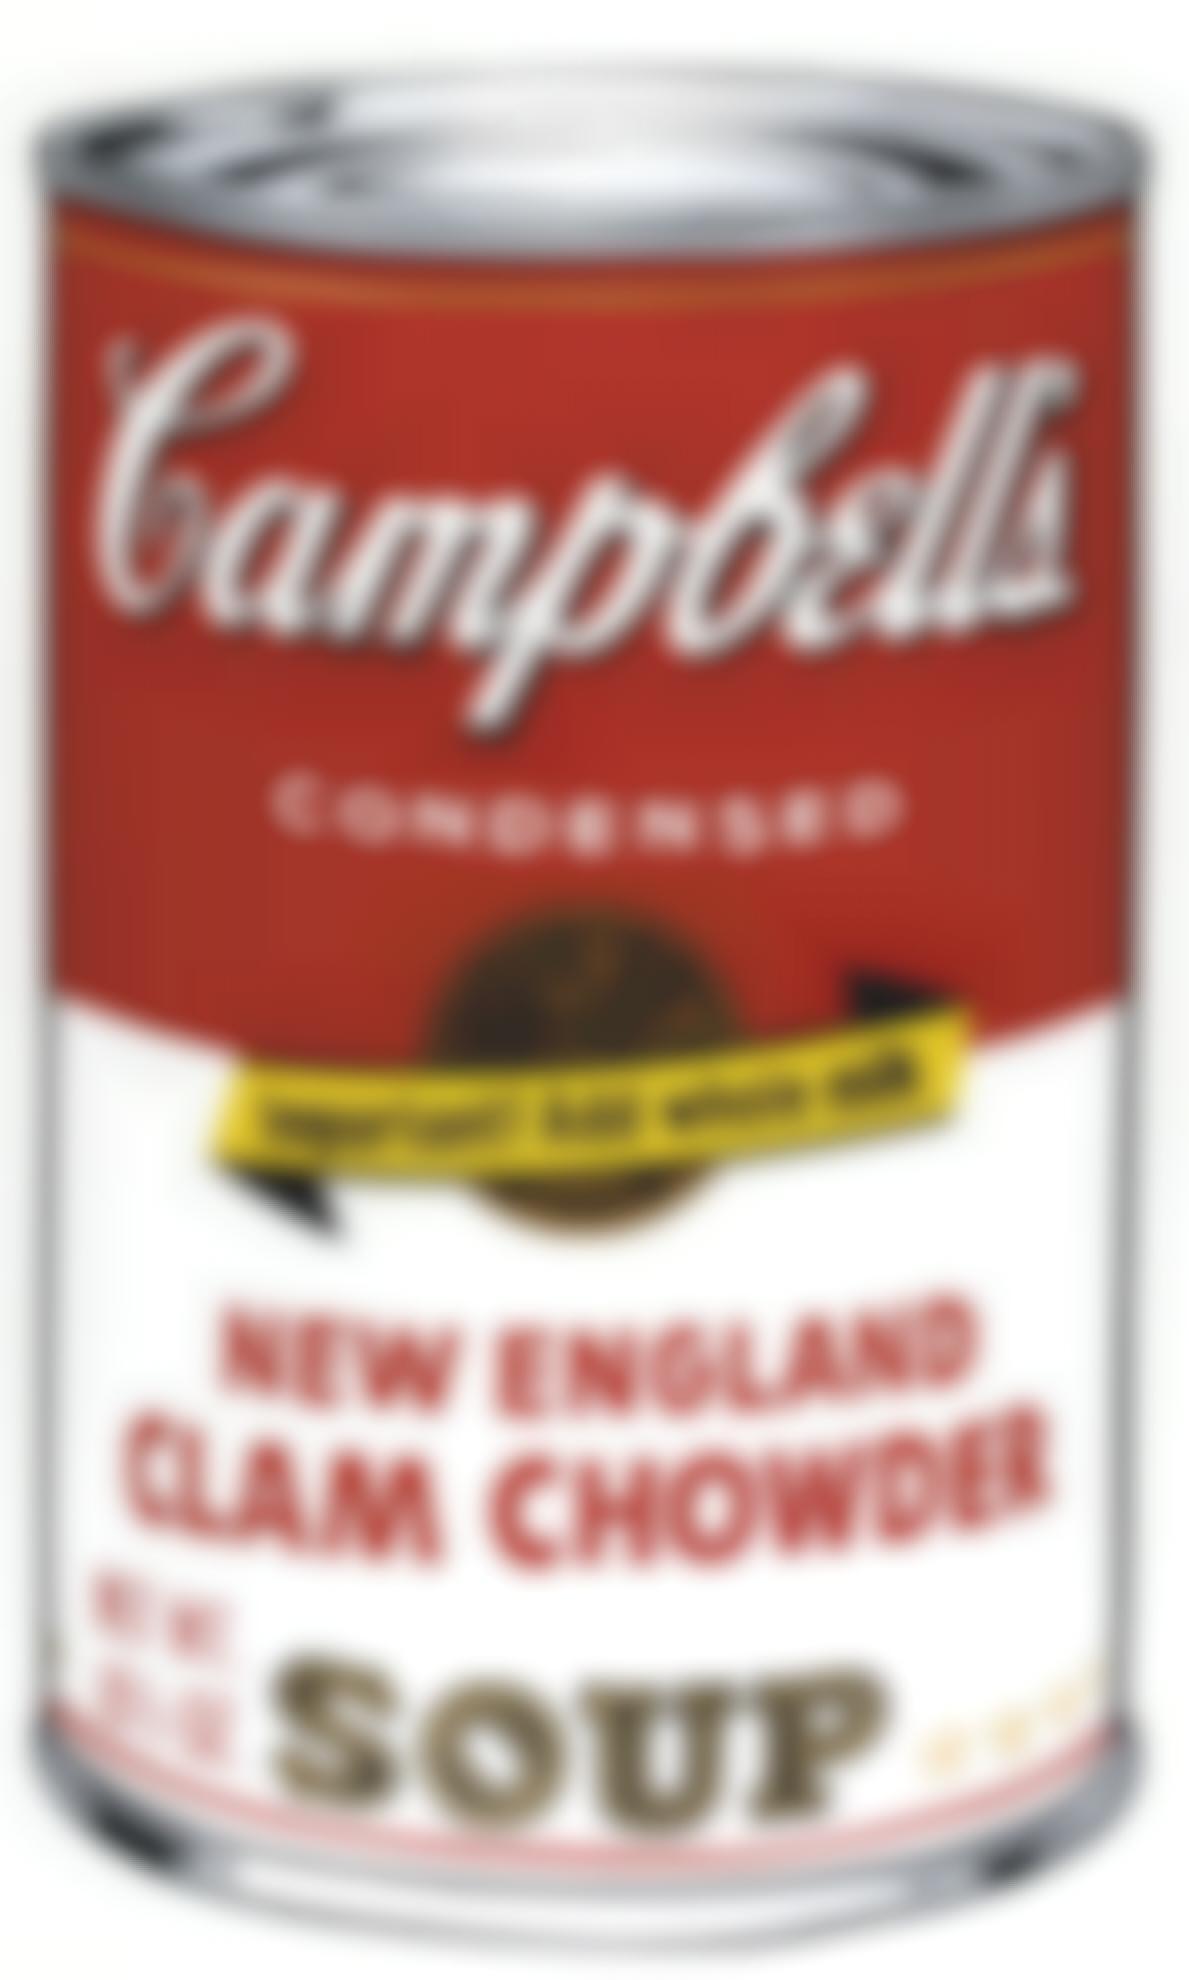 Andy Warhol-New England Clam Chowder (F. & S. II.57)-1969